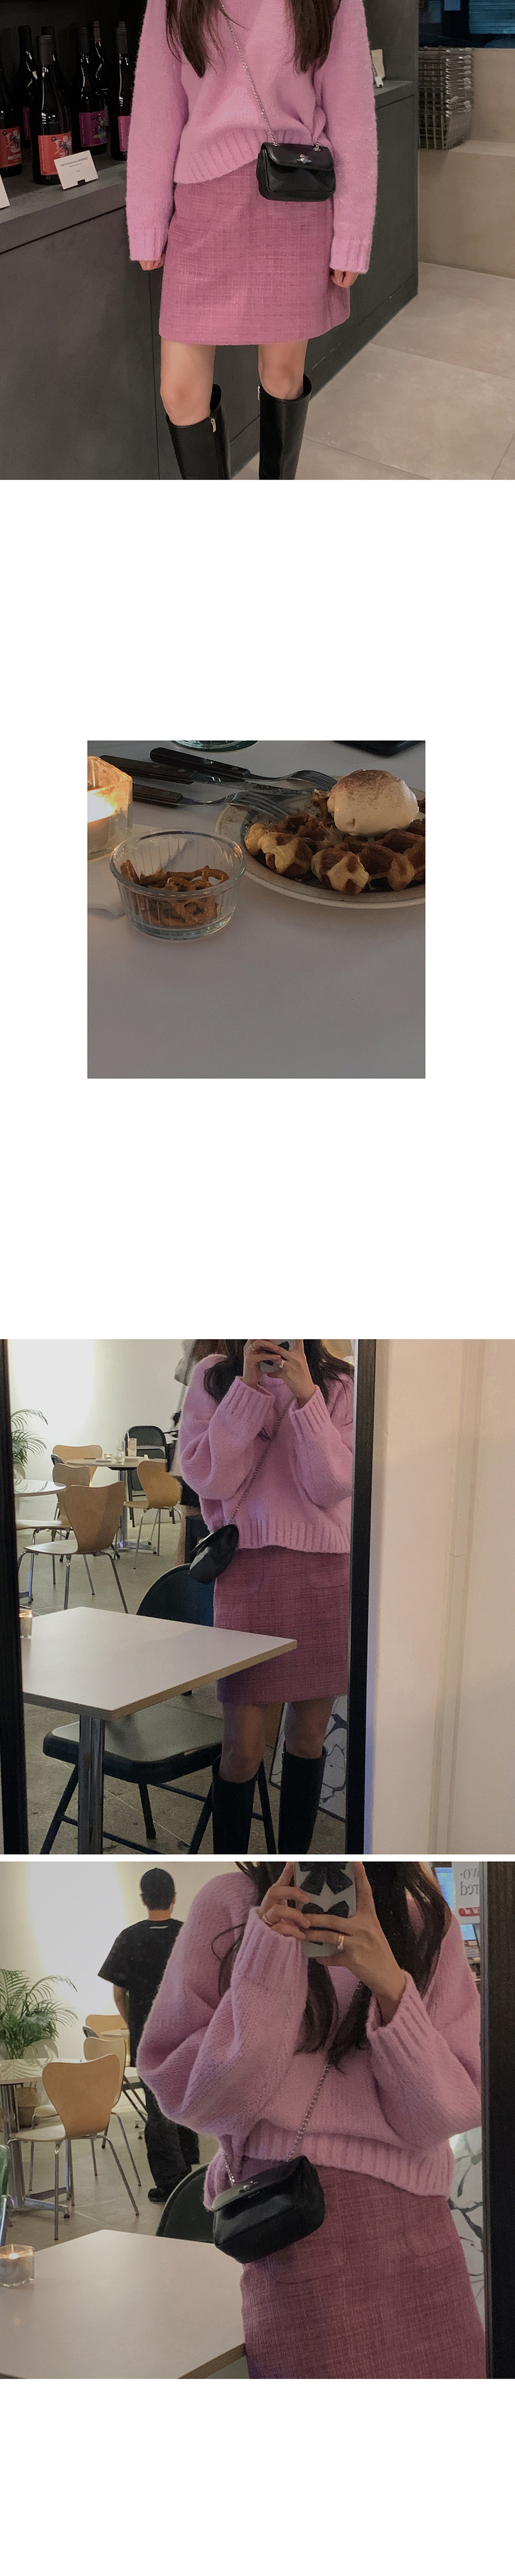 재킷 모델 착용 이미지-S4L1